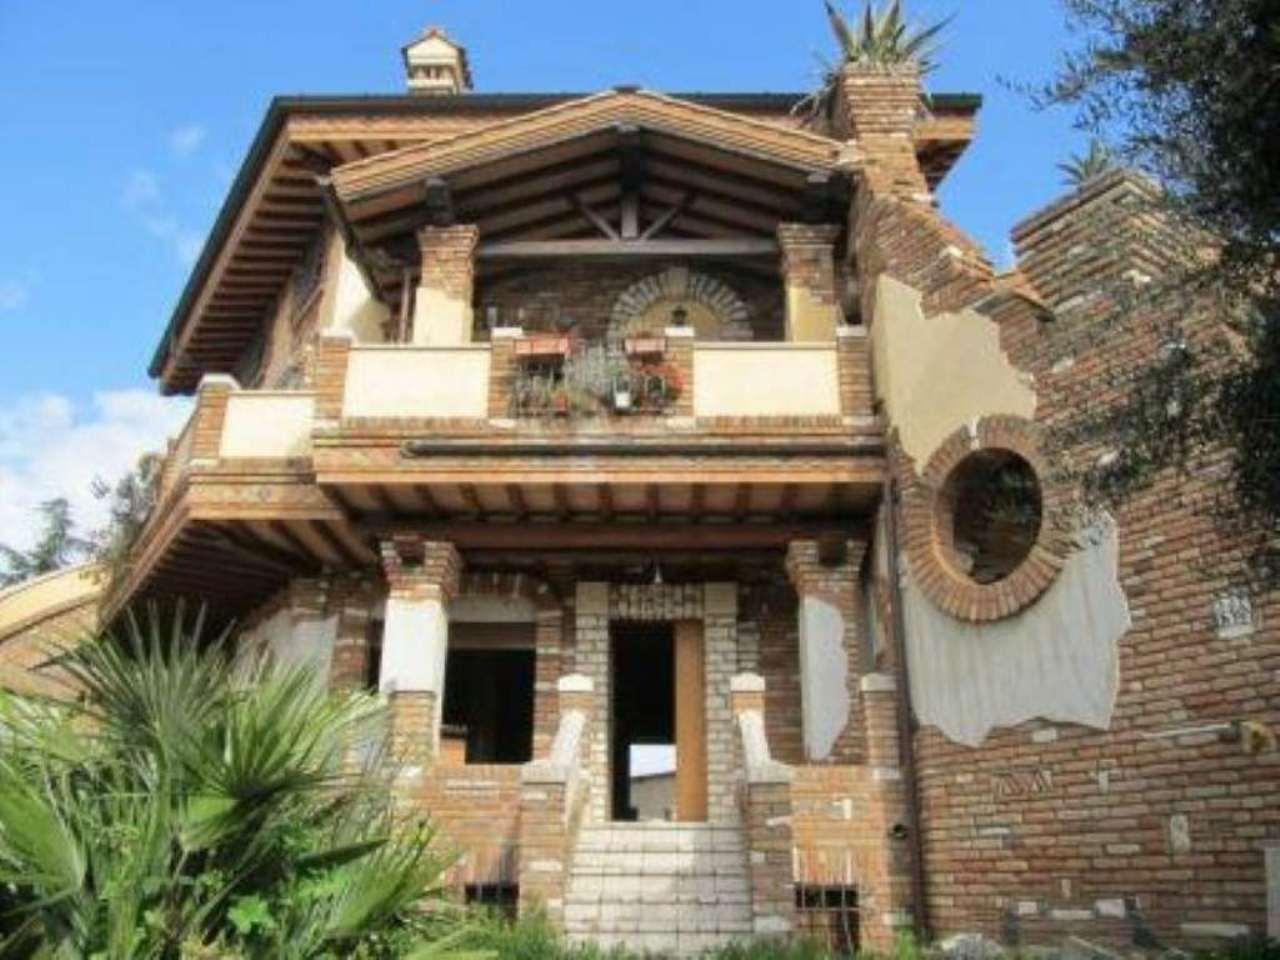 Casa con giardino roma nord idee per il design della casa for Design della casa singola